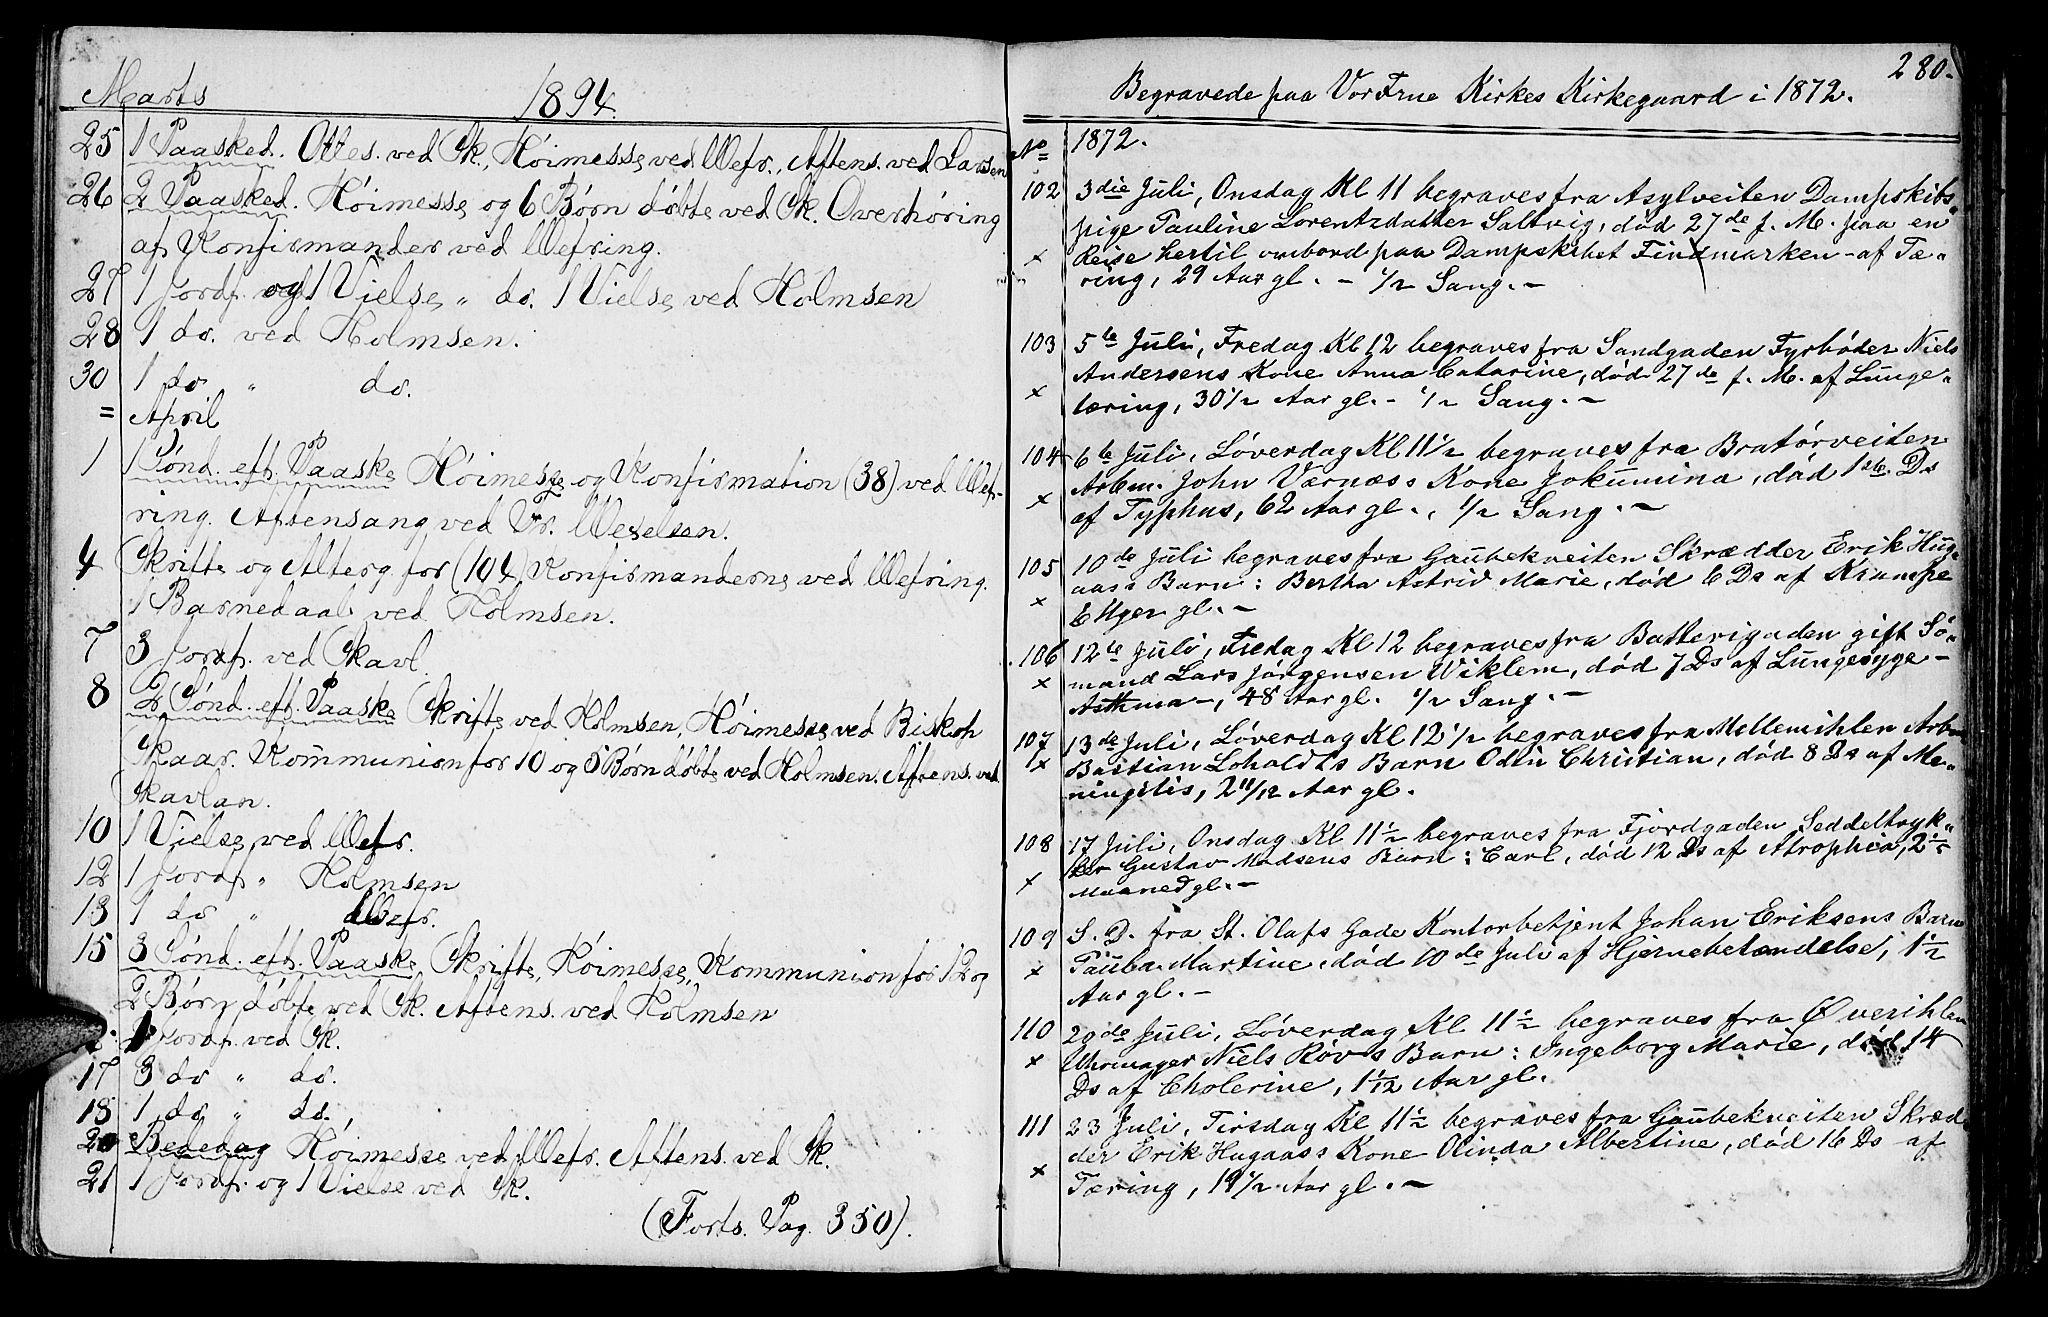 SAT, Ministerialprotokoller, klokkerbøker og fødselsregistre - Sør-Trøndelag, 602/L0142: Klokkerbok nr. 602C10, 1872-1894, s. 280